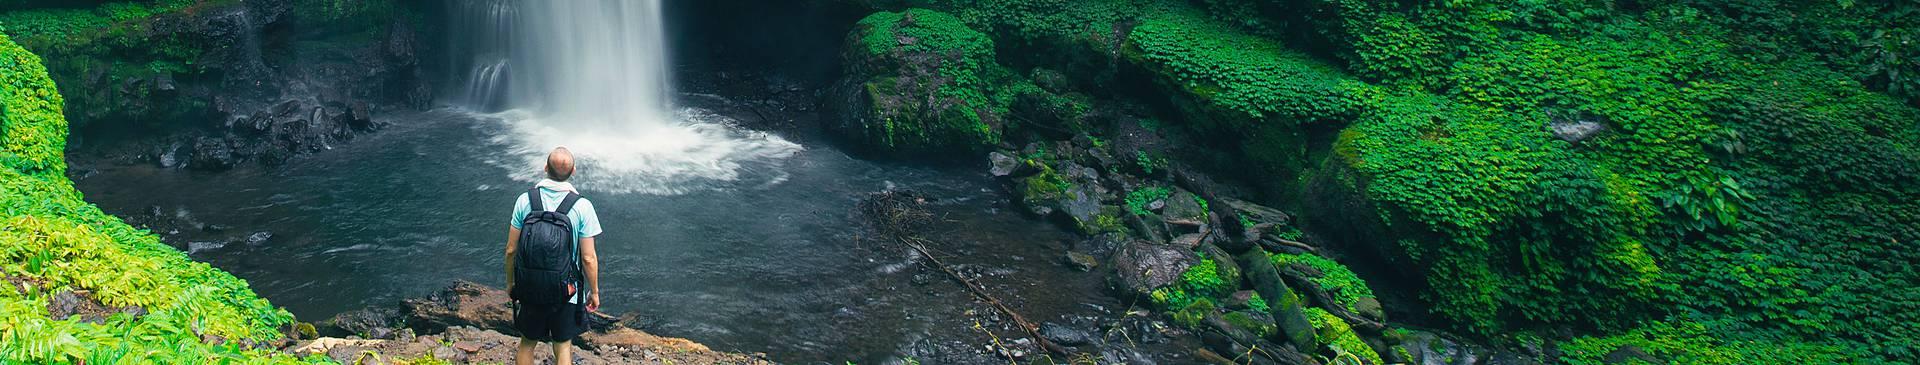 Naturreisen Indonesien